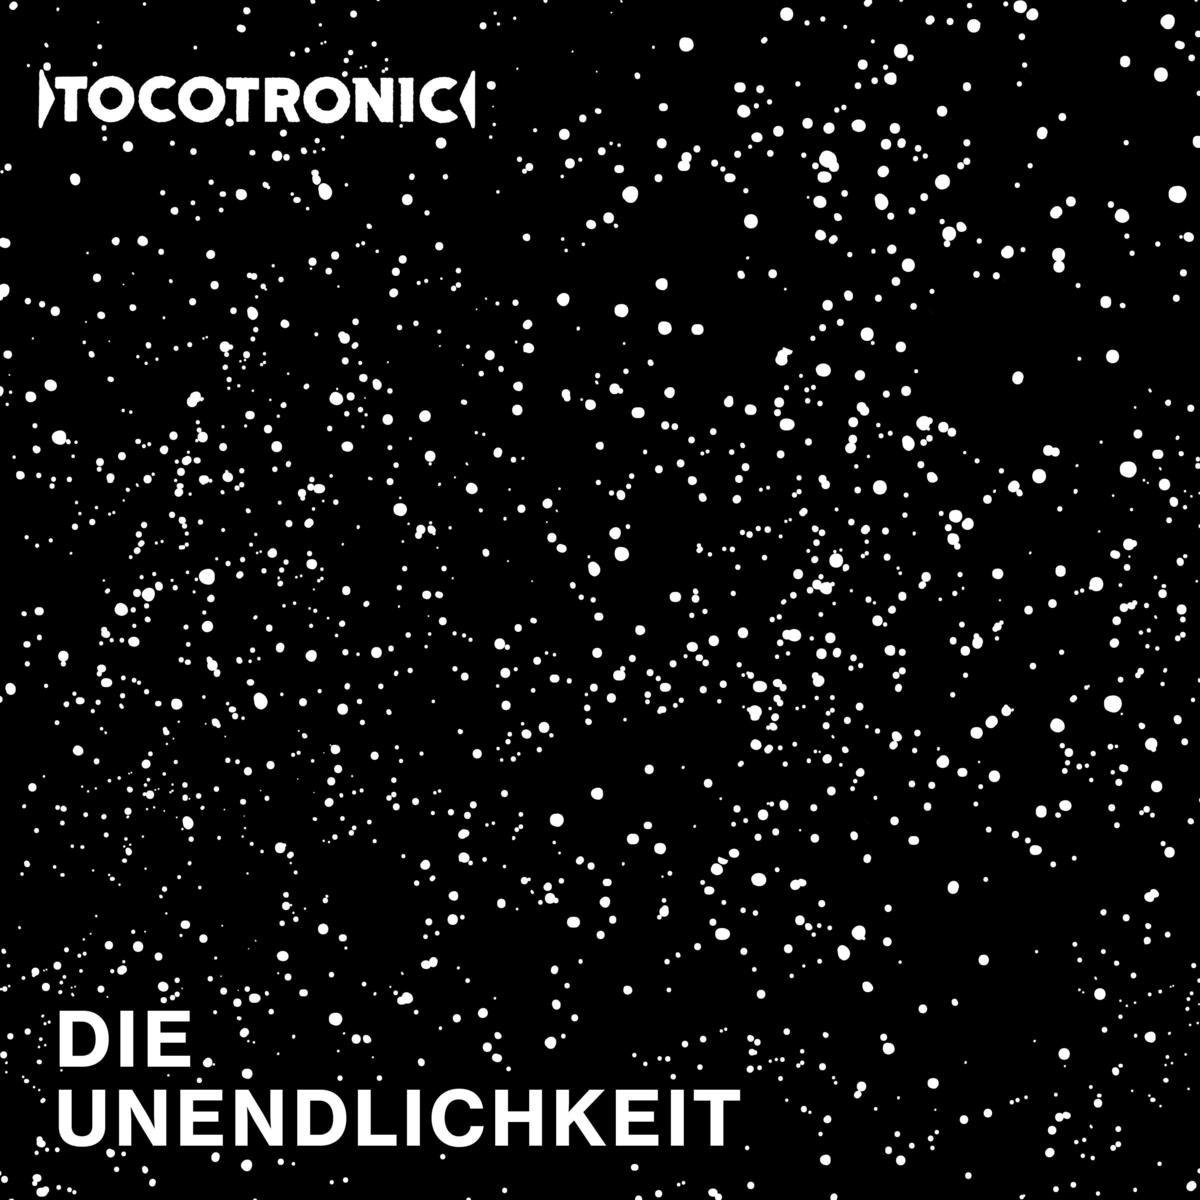 Tocotronic - Die Unendlichkeit (2018) [FLAC] Download